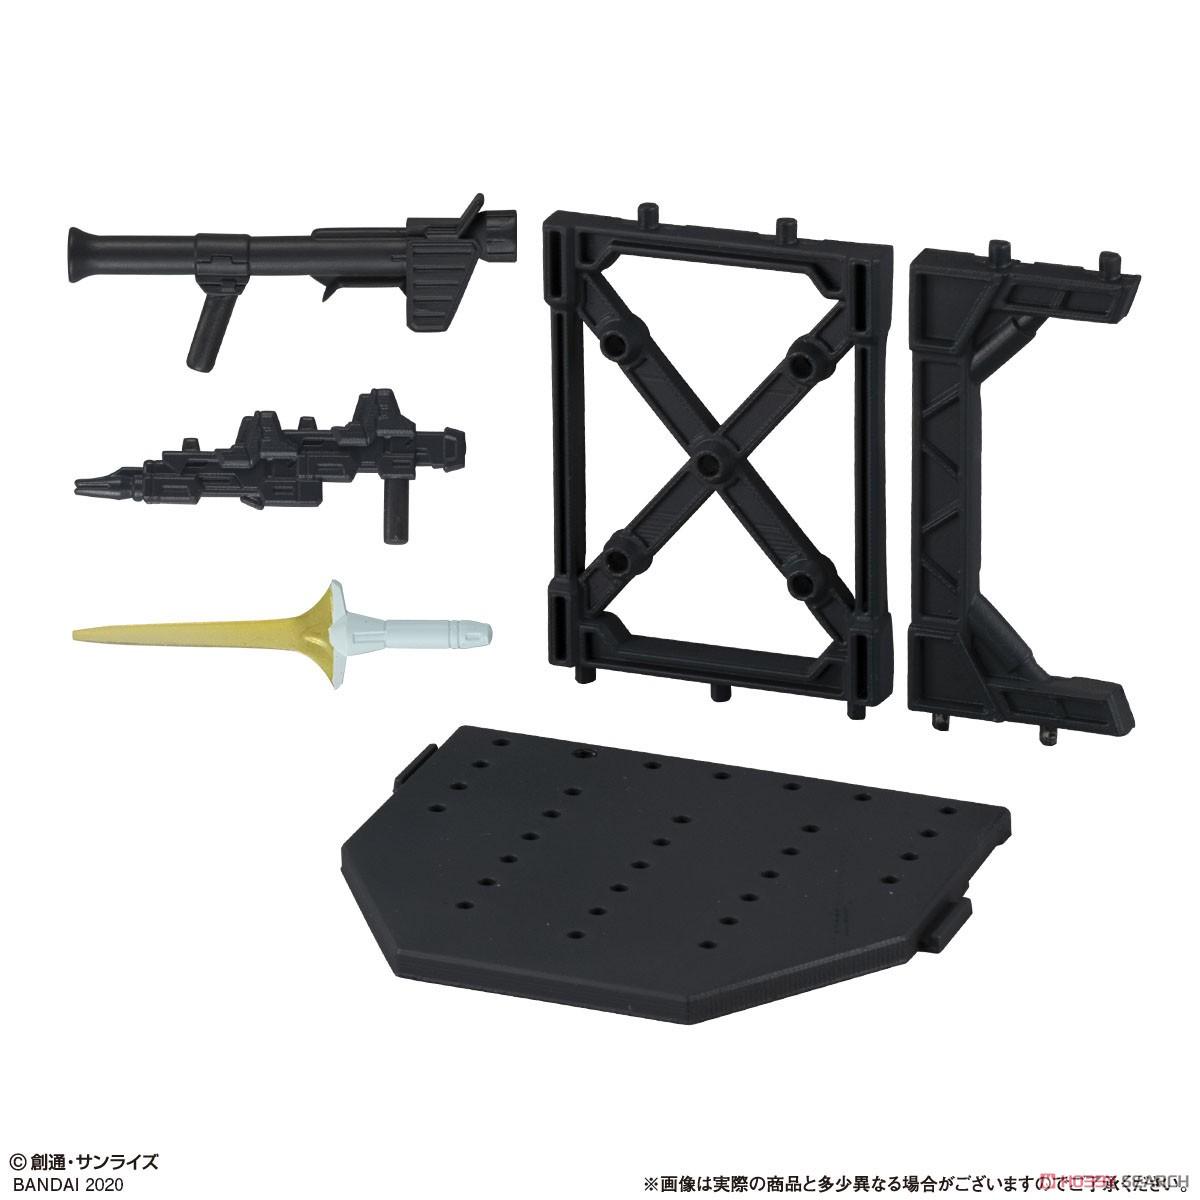 機動戦士ガンダム『ガシャポン戦士フォルテ11』12個入りBOX-006